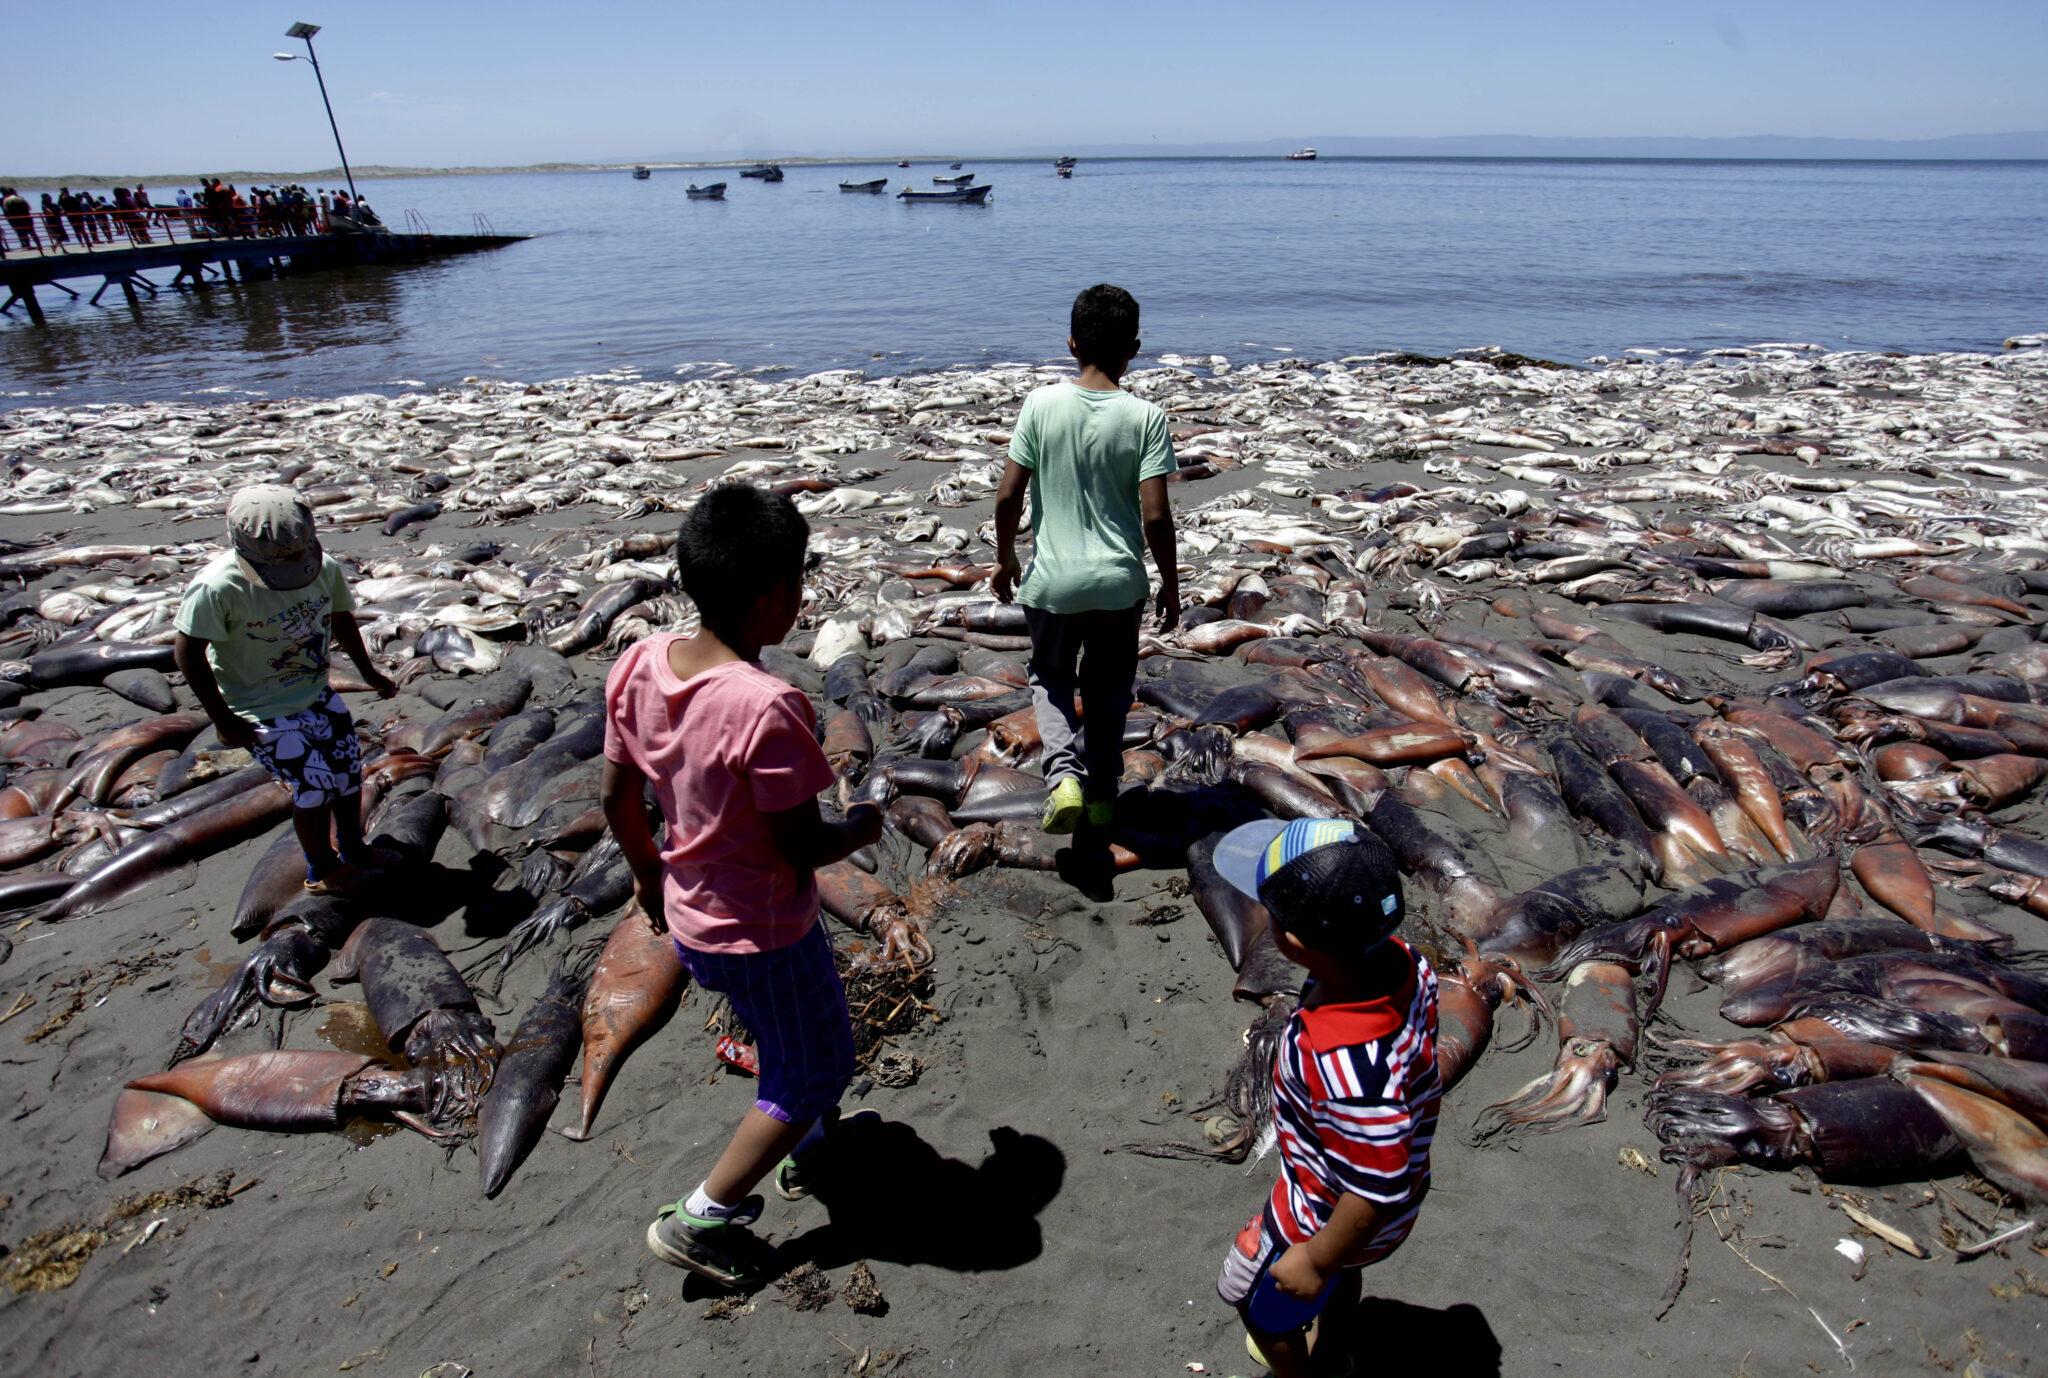 A UNO 627227 80x80 - Crisis Sanitaria en Isla Santa María: devastadoras imágenes de hambruna que ha dejado más de 100 animales muertos